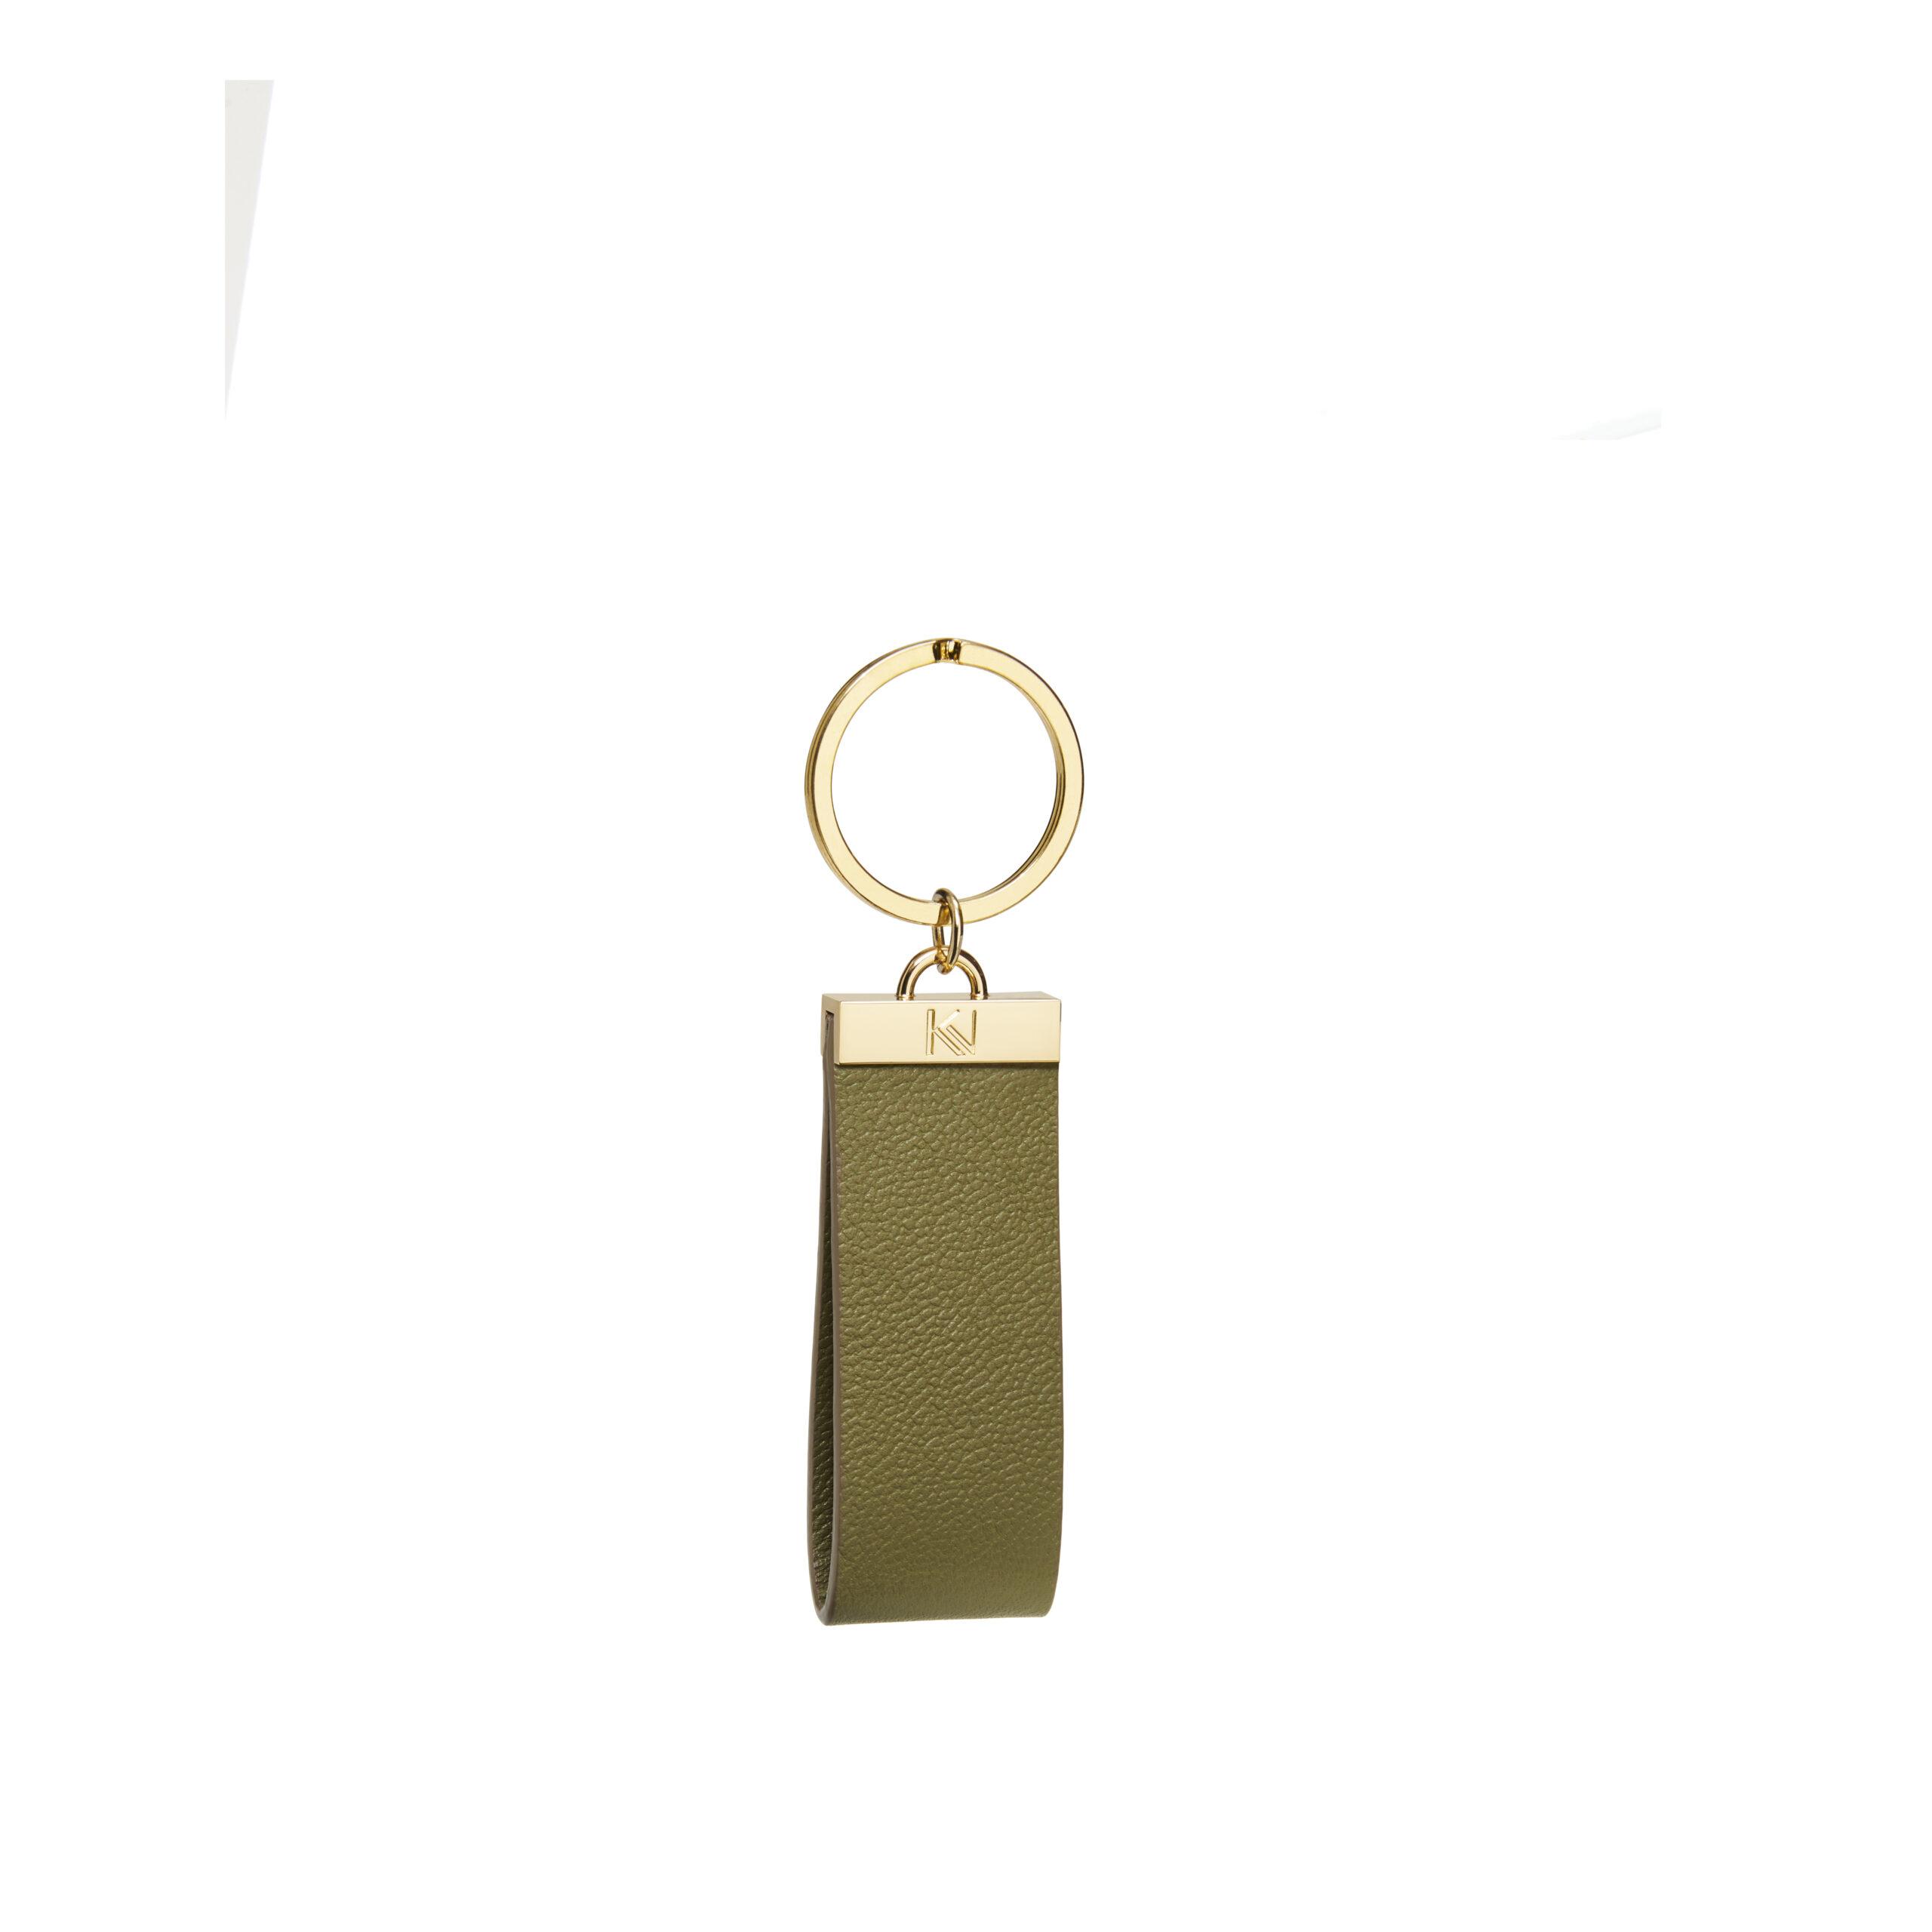 porte-clés-cuir-grainé-kaki-ingénieux-karenvogt-1